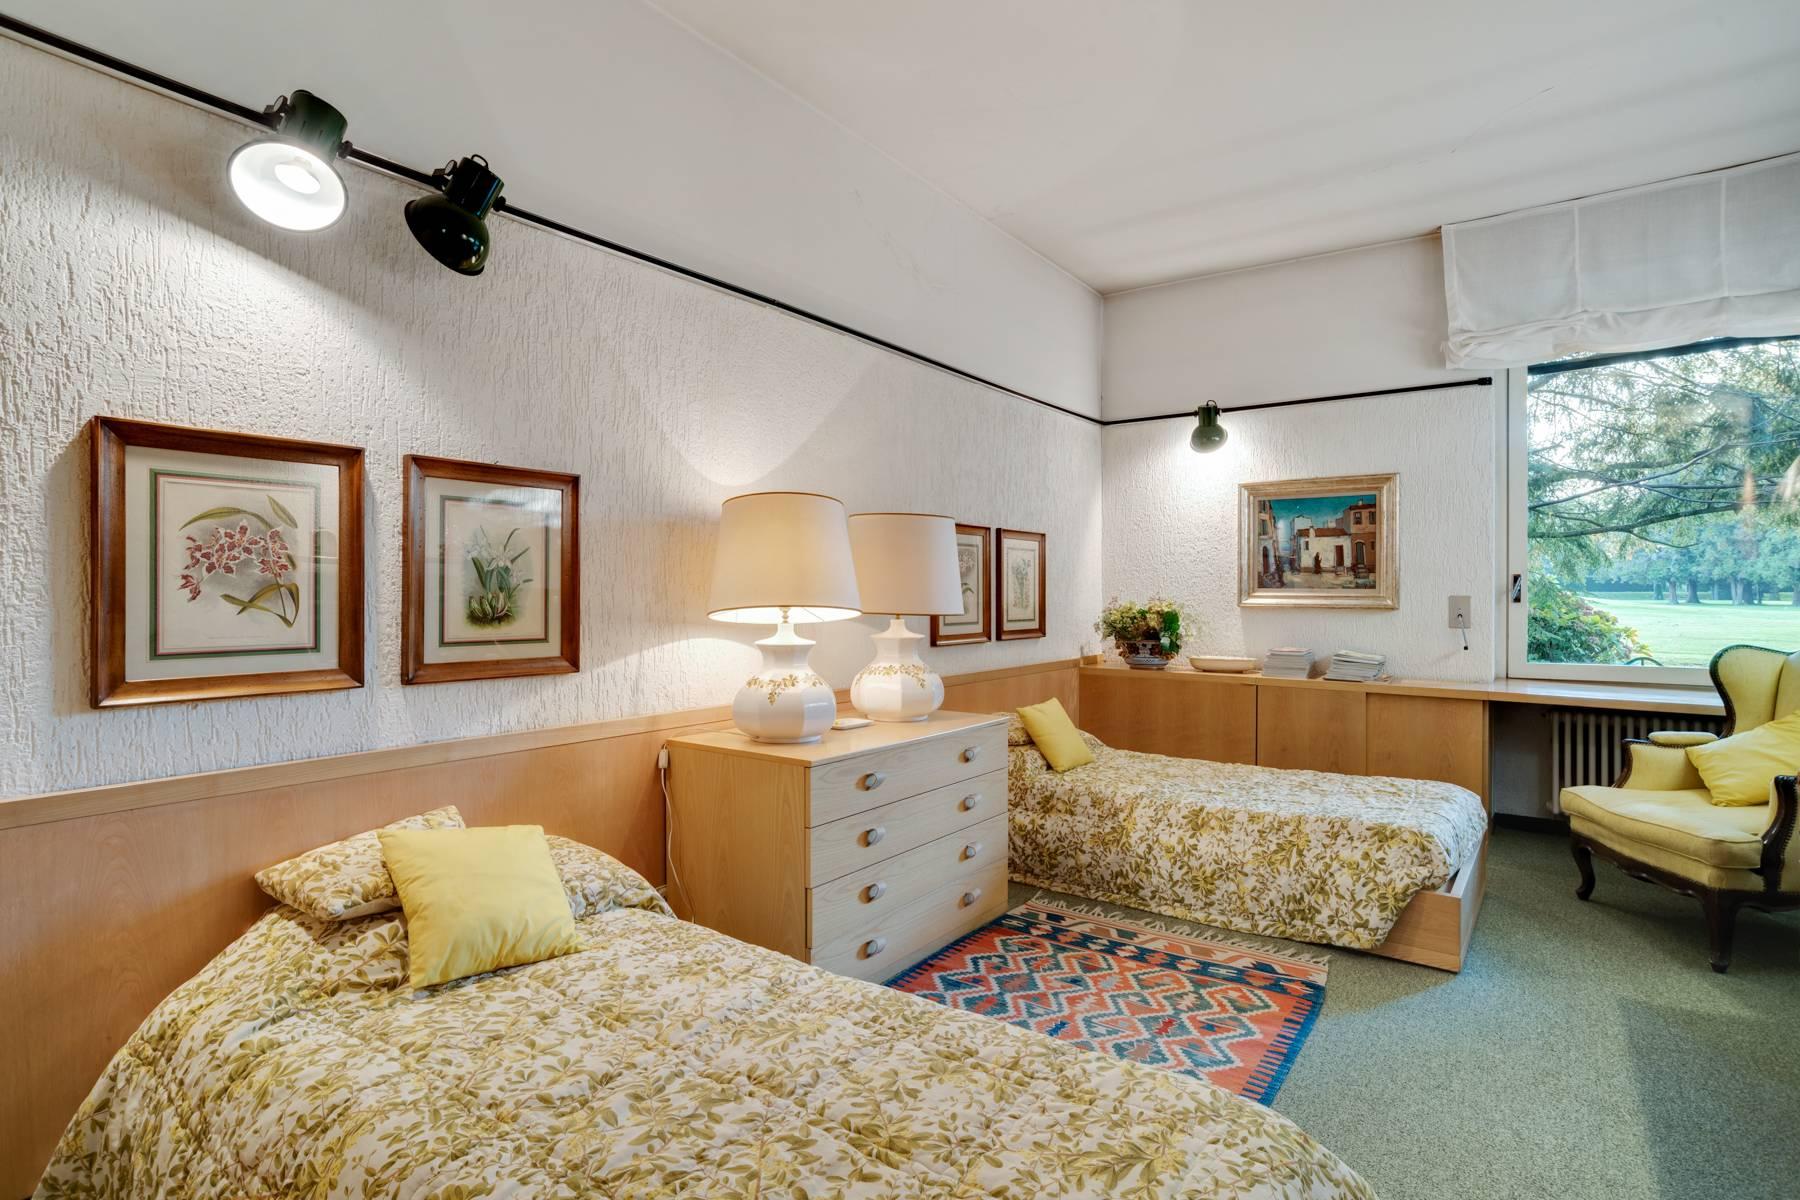 Appartamento in Vendita a Cassina Rizzardi: 3 locali, 134 mq - Foto 11